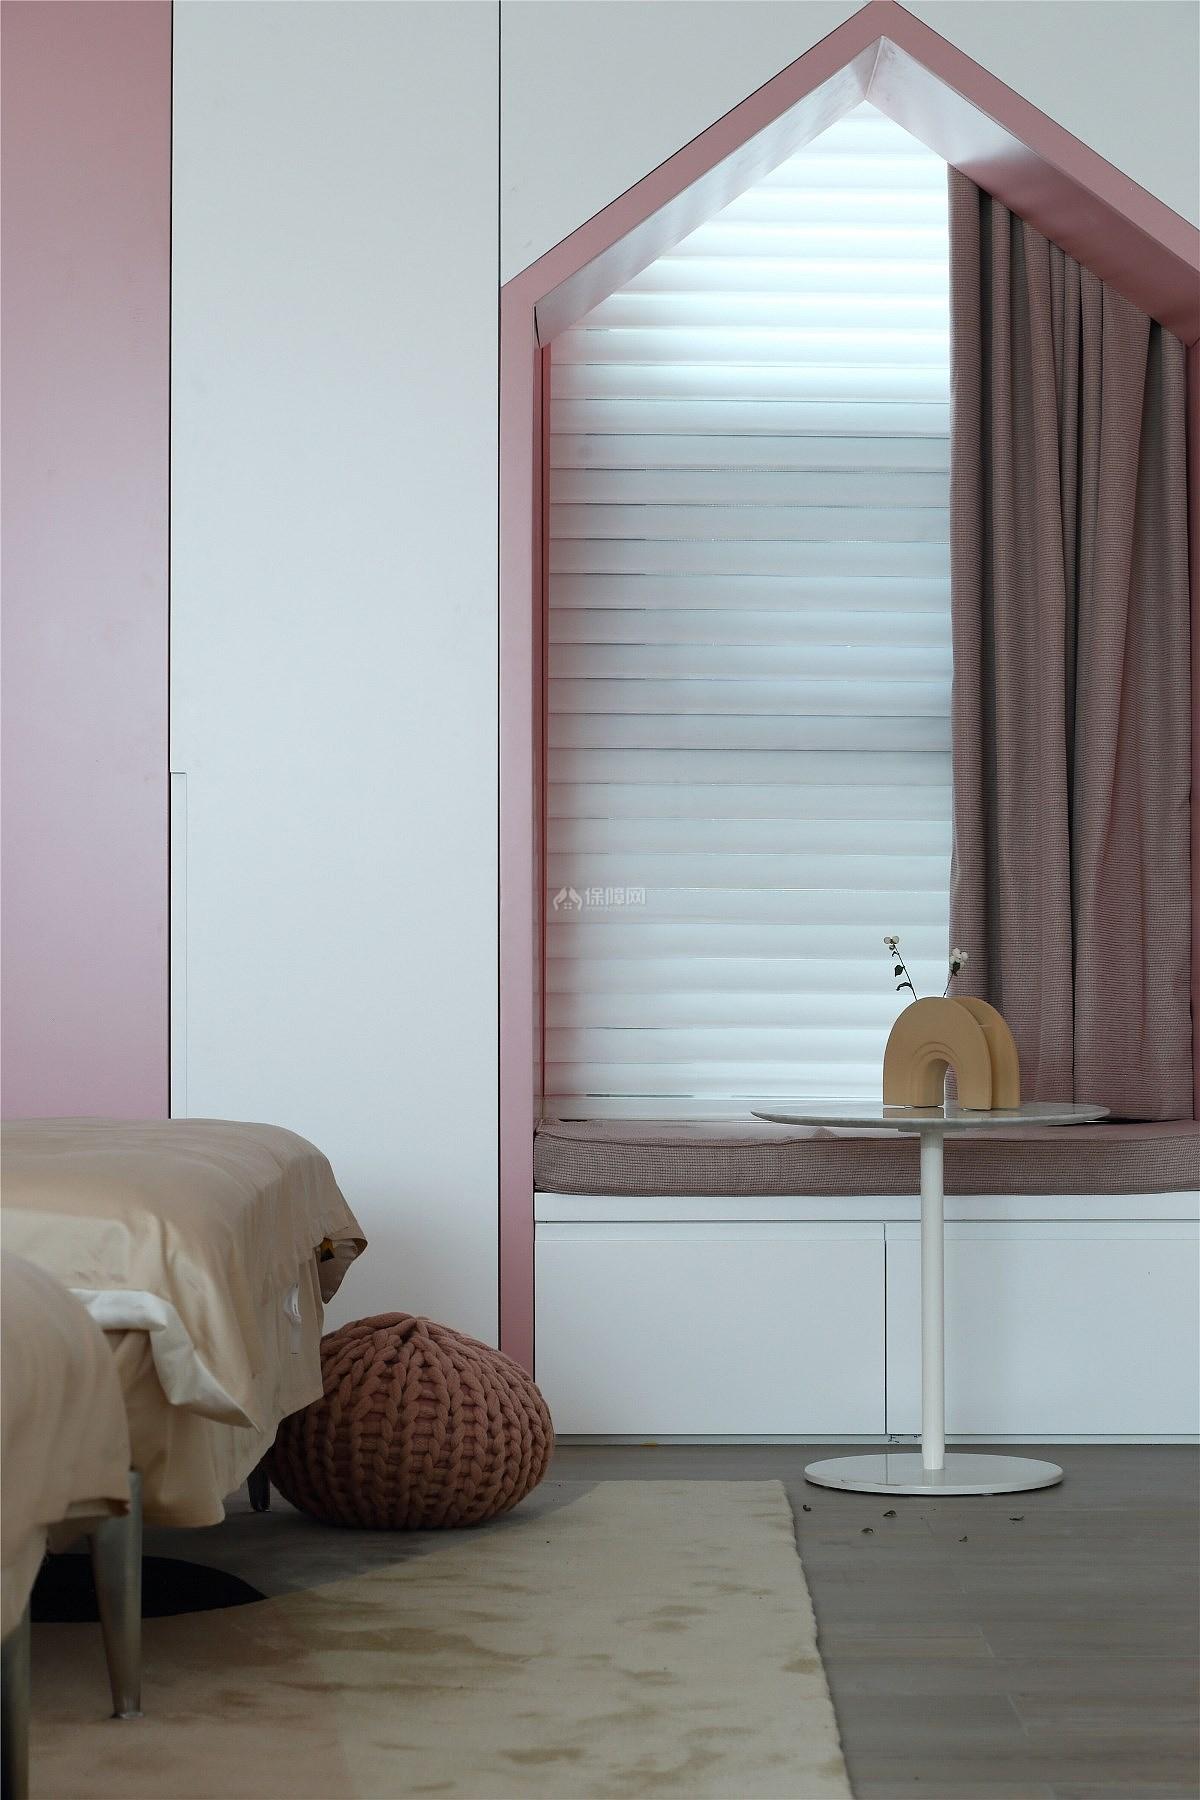 215㎡温馨现代跃层儿童房窗台设计效果图